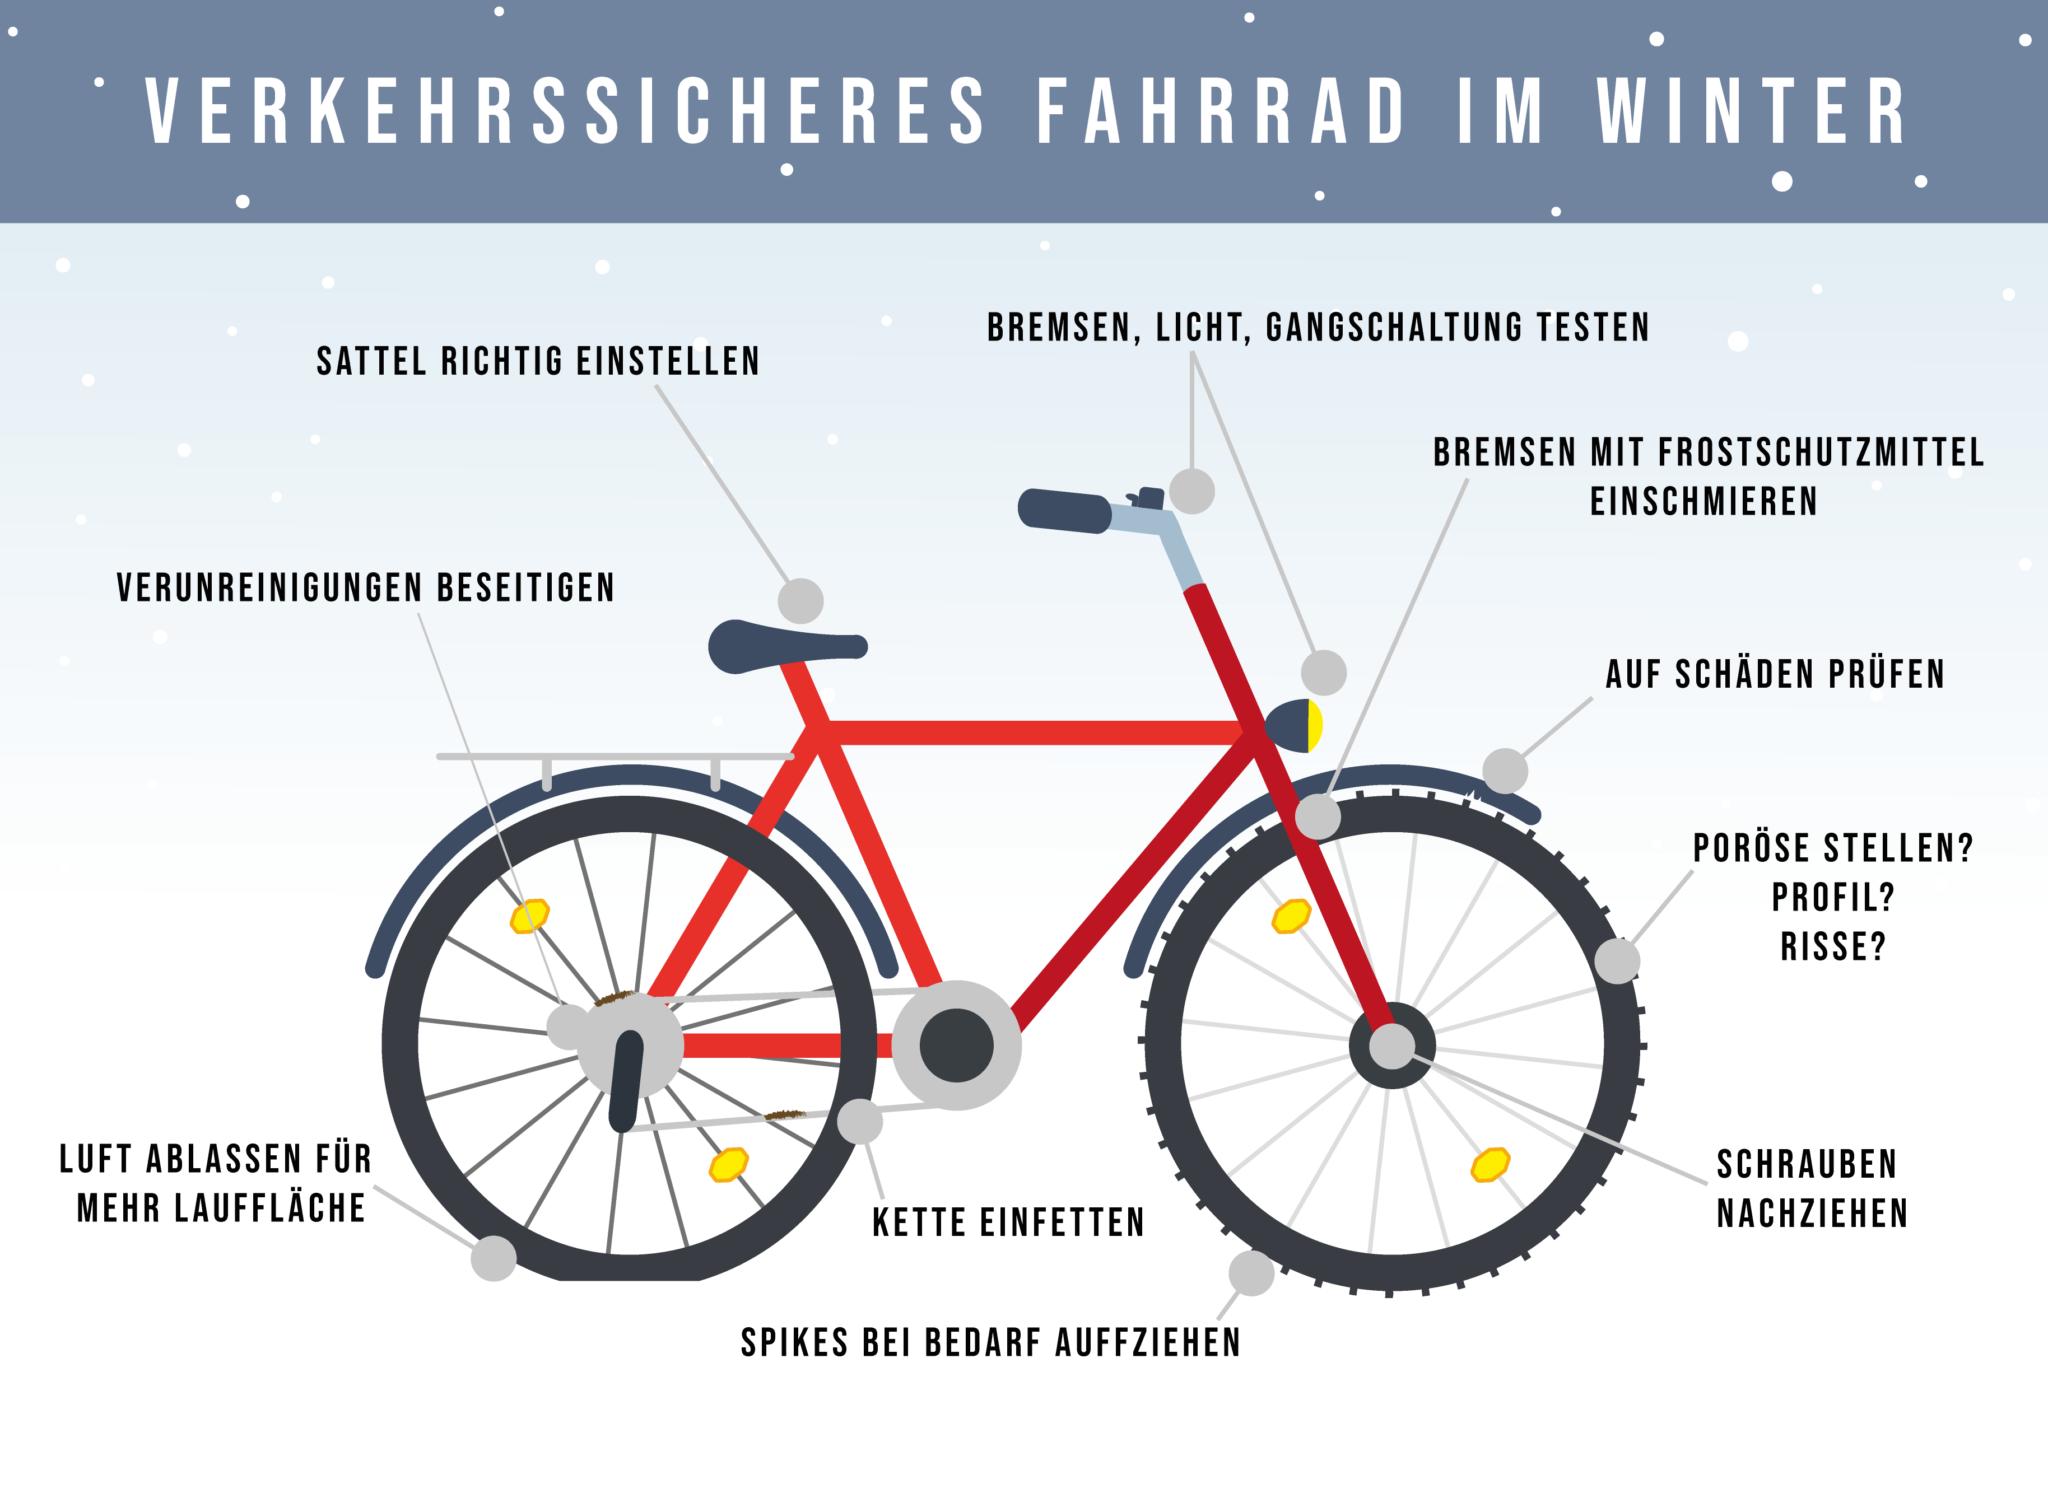 Fahrrad fahren bei Schnee: So machen Sie Ihr Fahrrad winterfest!